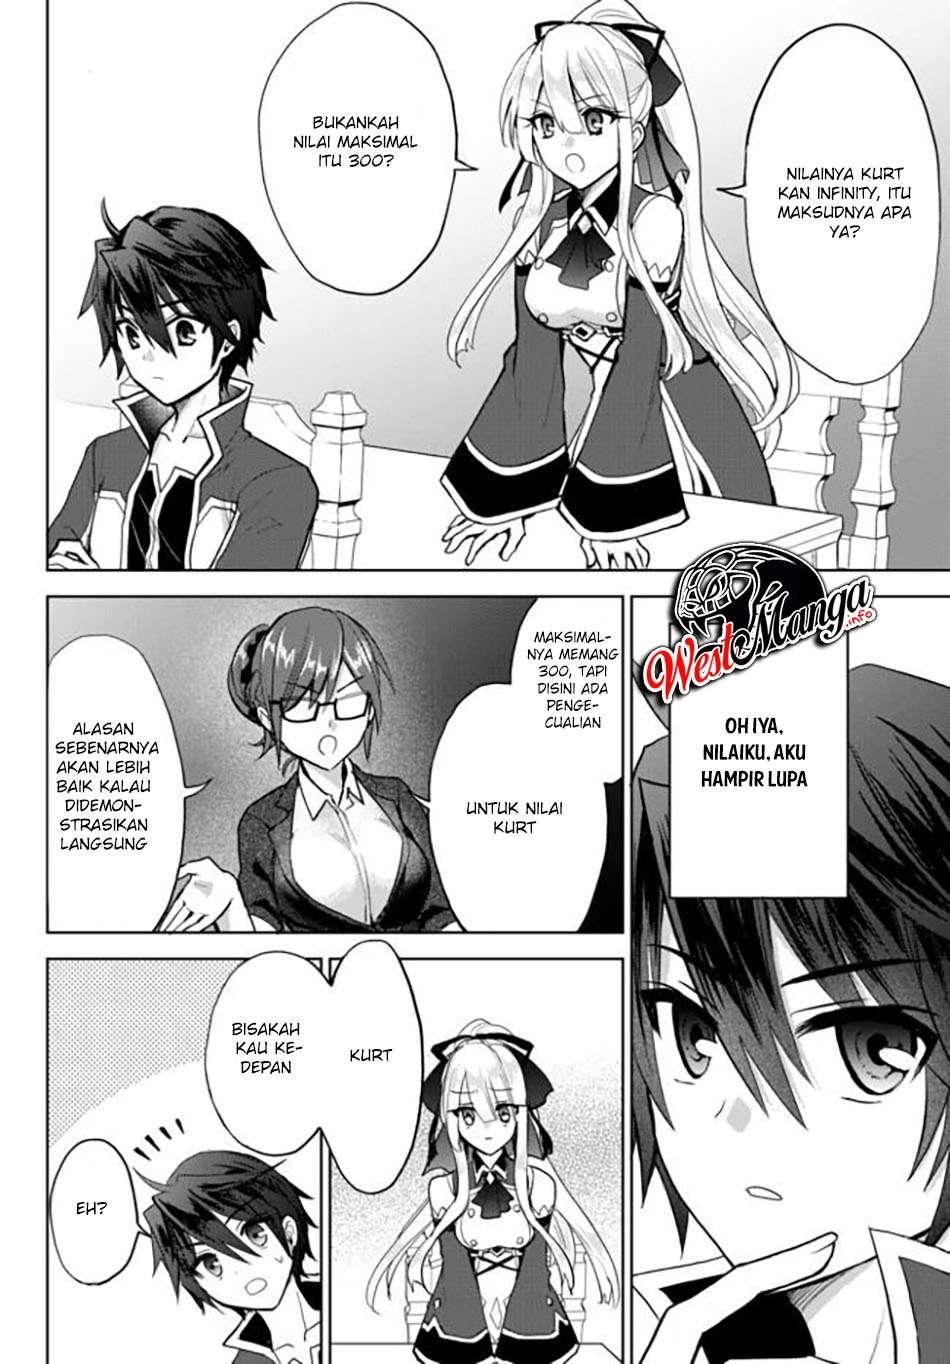 Nishuume Cheat no Tensei Madoushi: Saikyou ga 1000-nengo ni Tensei Shitara, Jinsei Yoyuu Sugimashita: Chapter 03.2 - Page 4